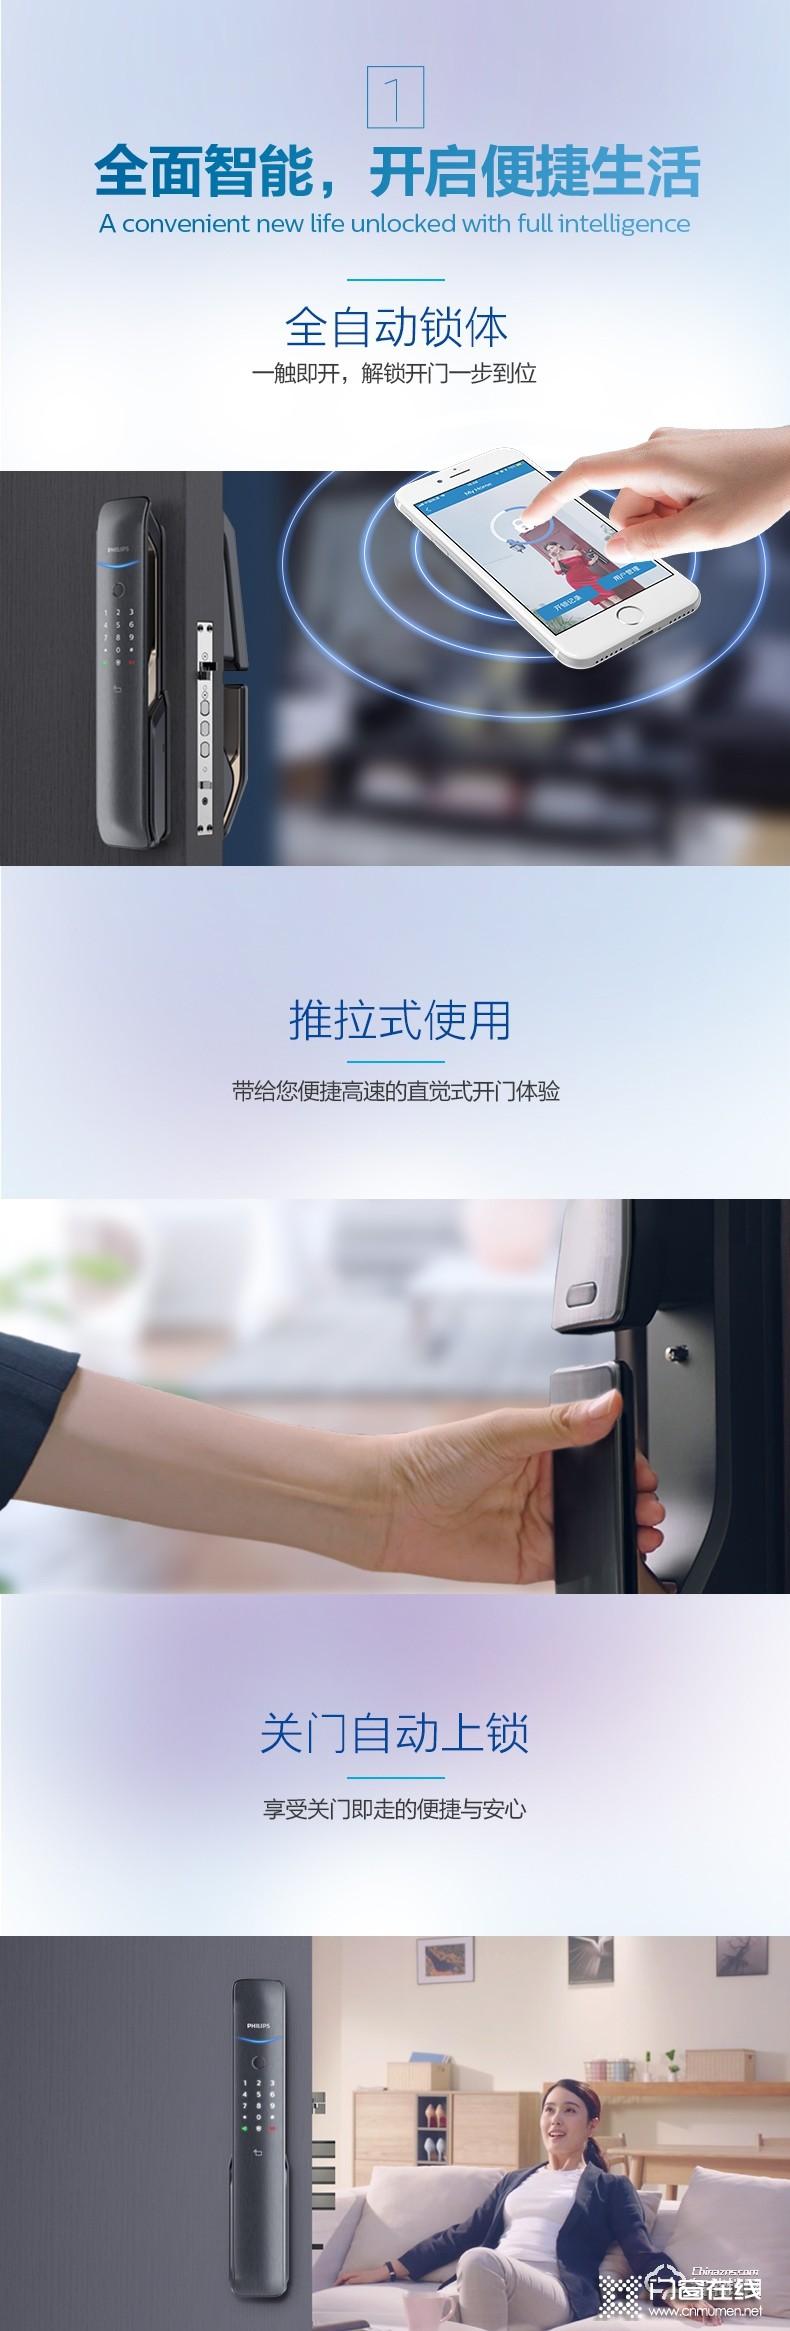 飞利浦智能锁 9200全自动推拉智能锁.jpg